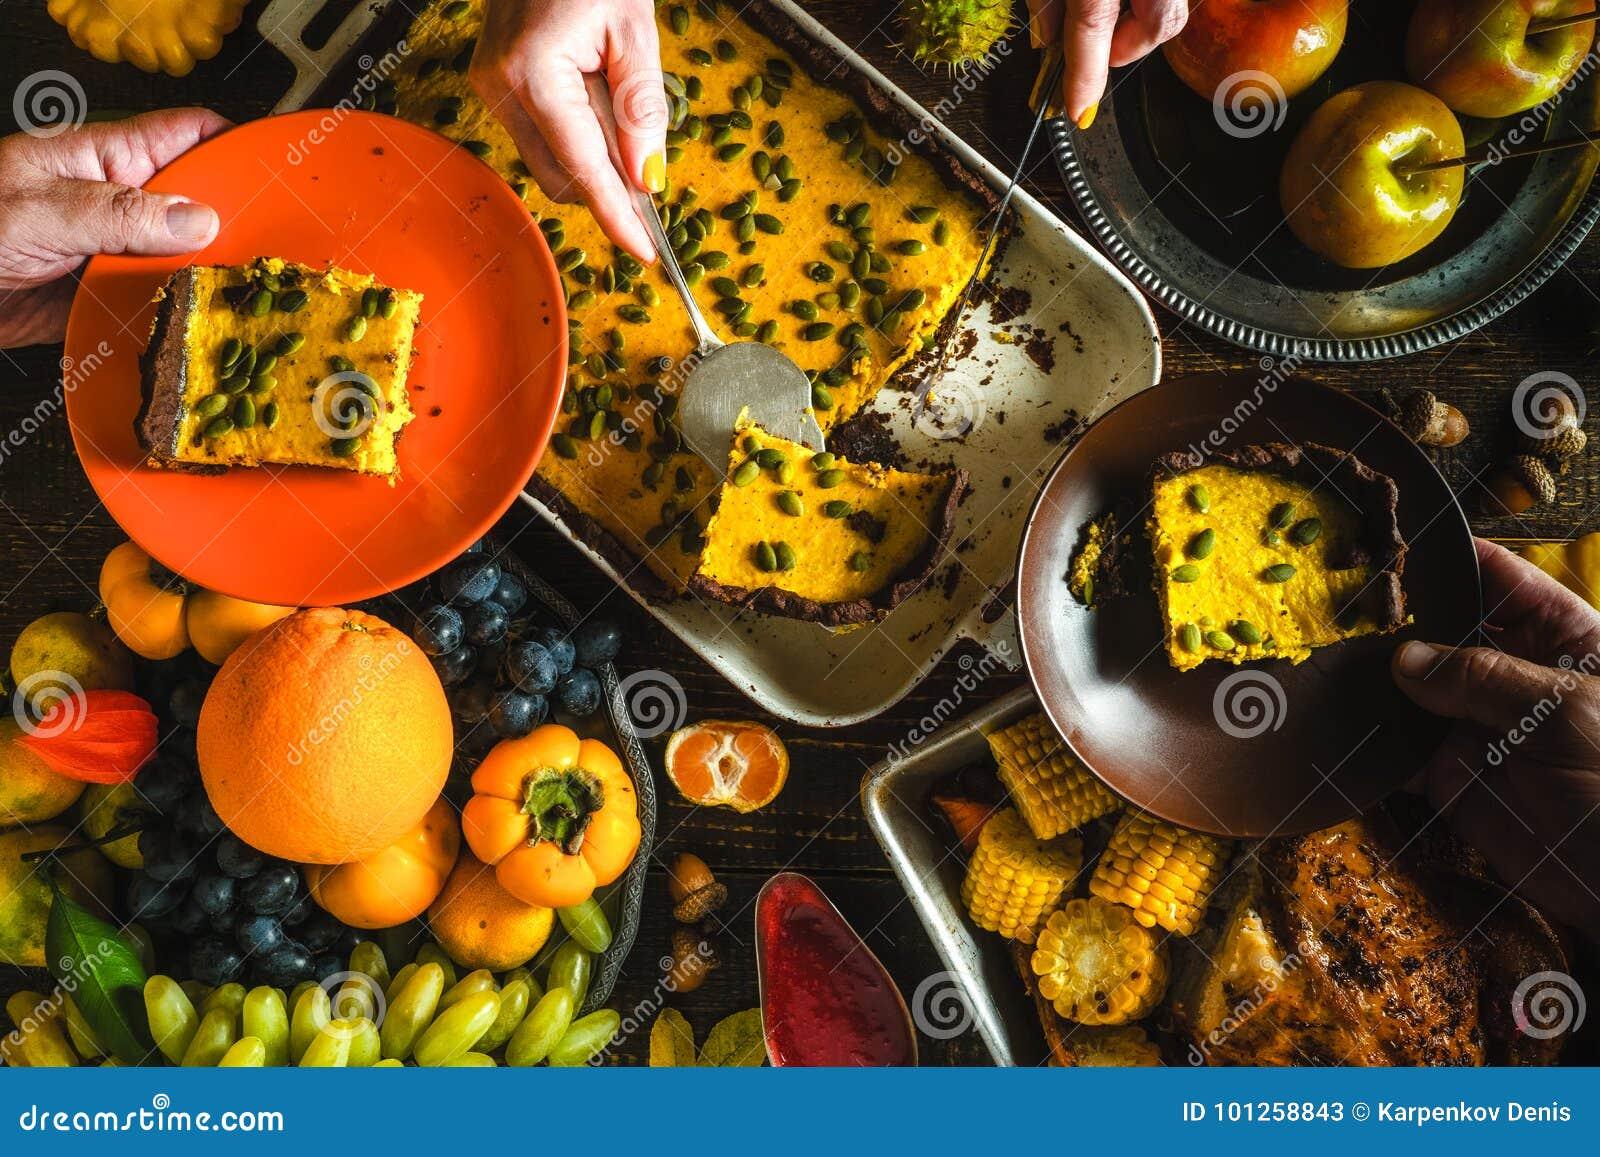 Τουρκία, πίτα κολοκύθας σοκολάτας, λαχανικά και φρούτα σε μια εορταστική γιορτή